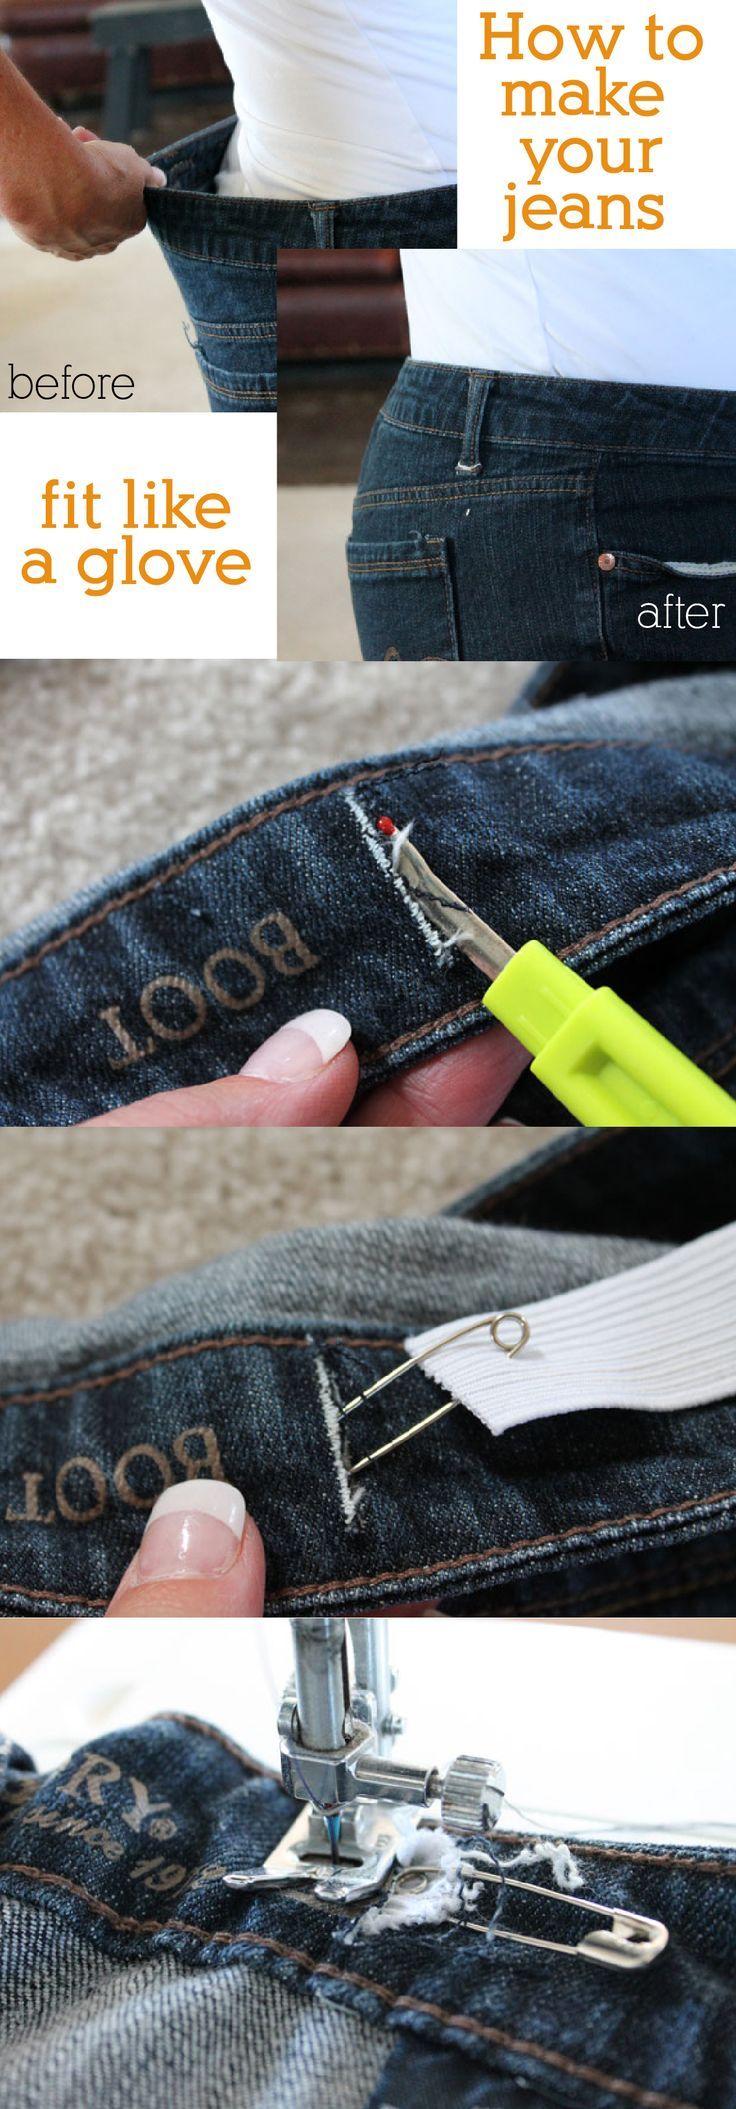 O Lado de Cá: Dica fácil - Ajustar a calça com elástico